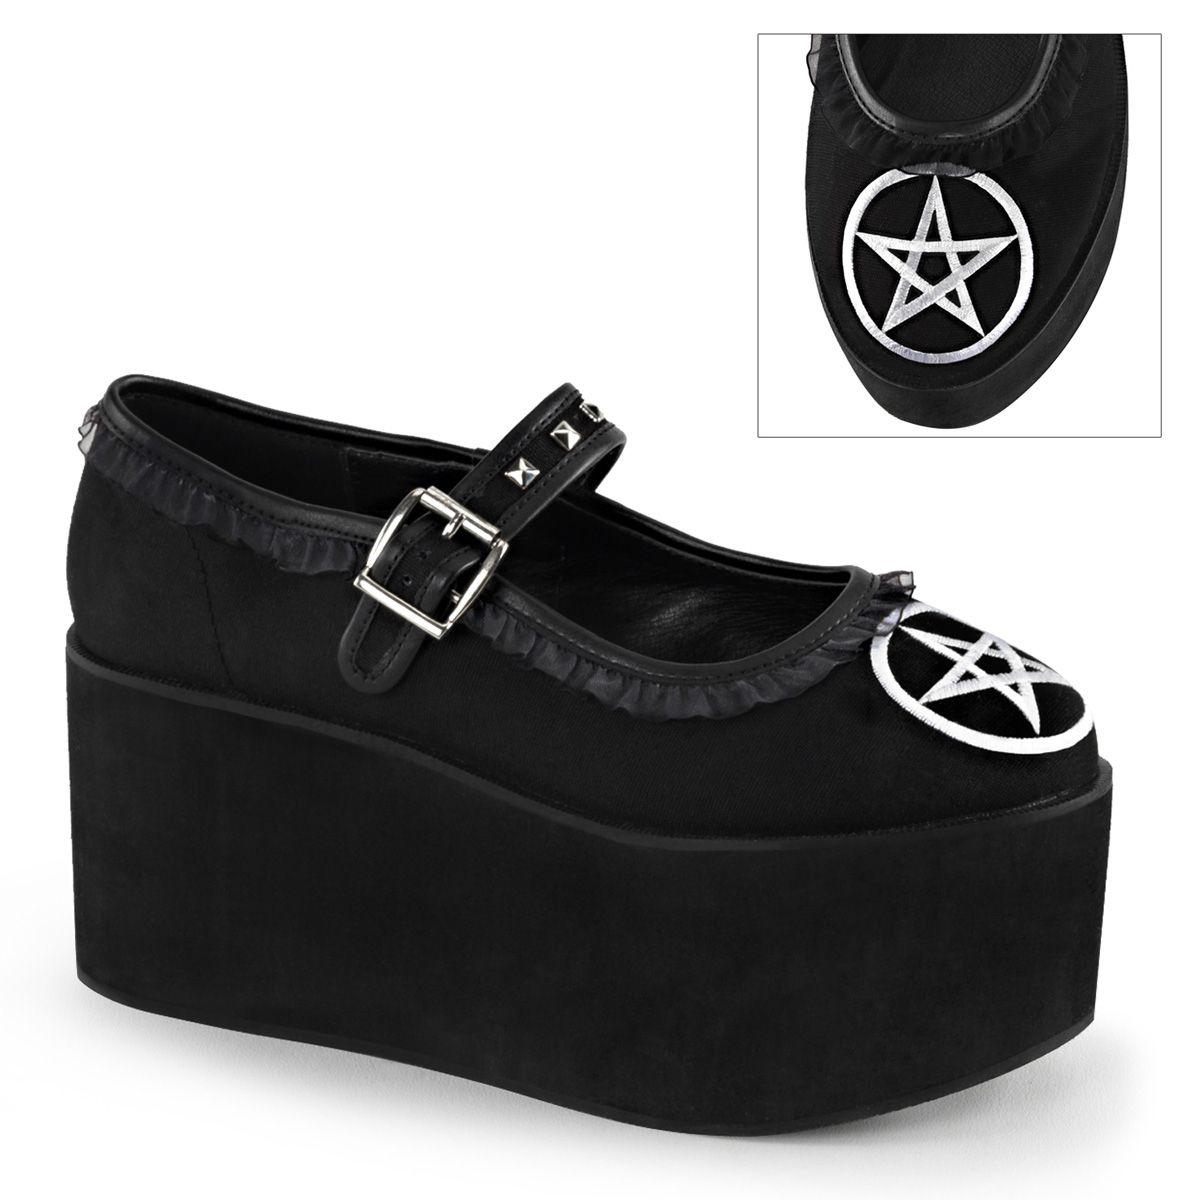 Sapato Click 02 - Demonia (encomenda)